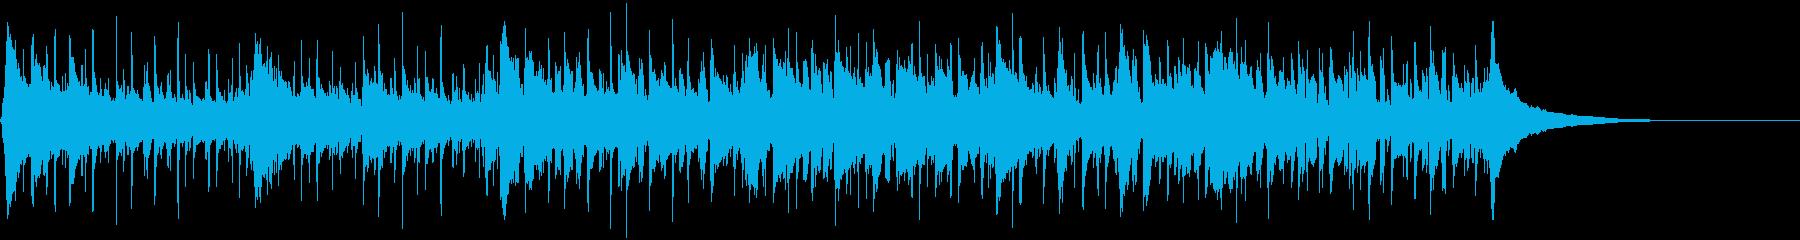 生アコギ使用 爽快で晴れ渡る空的な曲ですの再生済みの波形